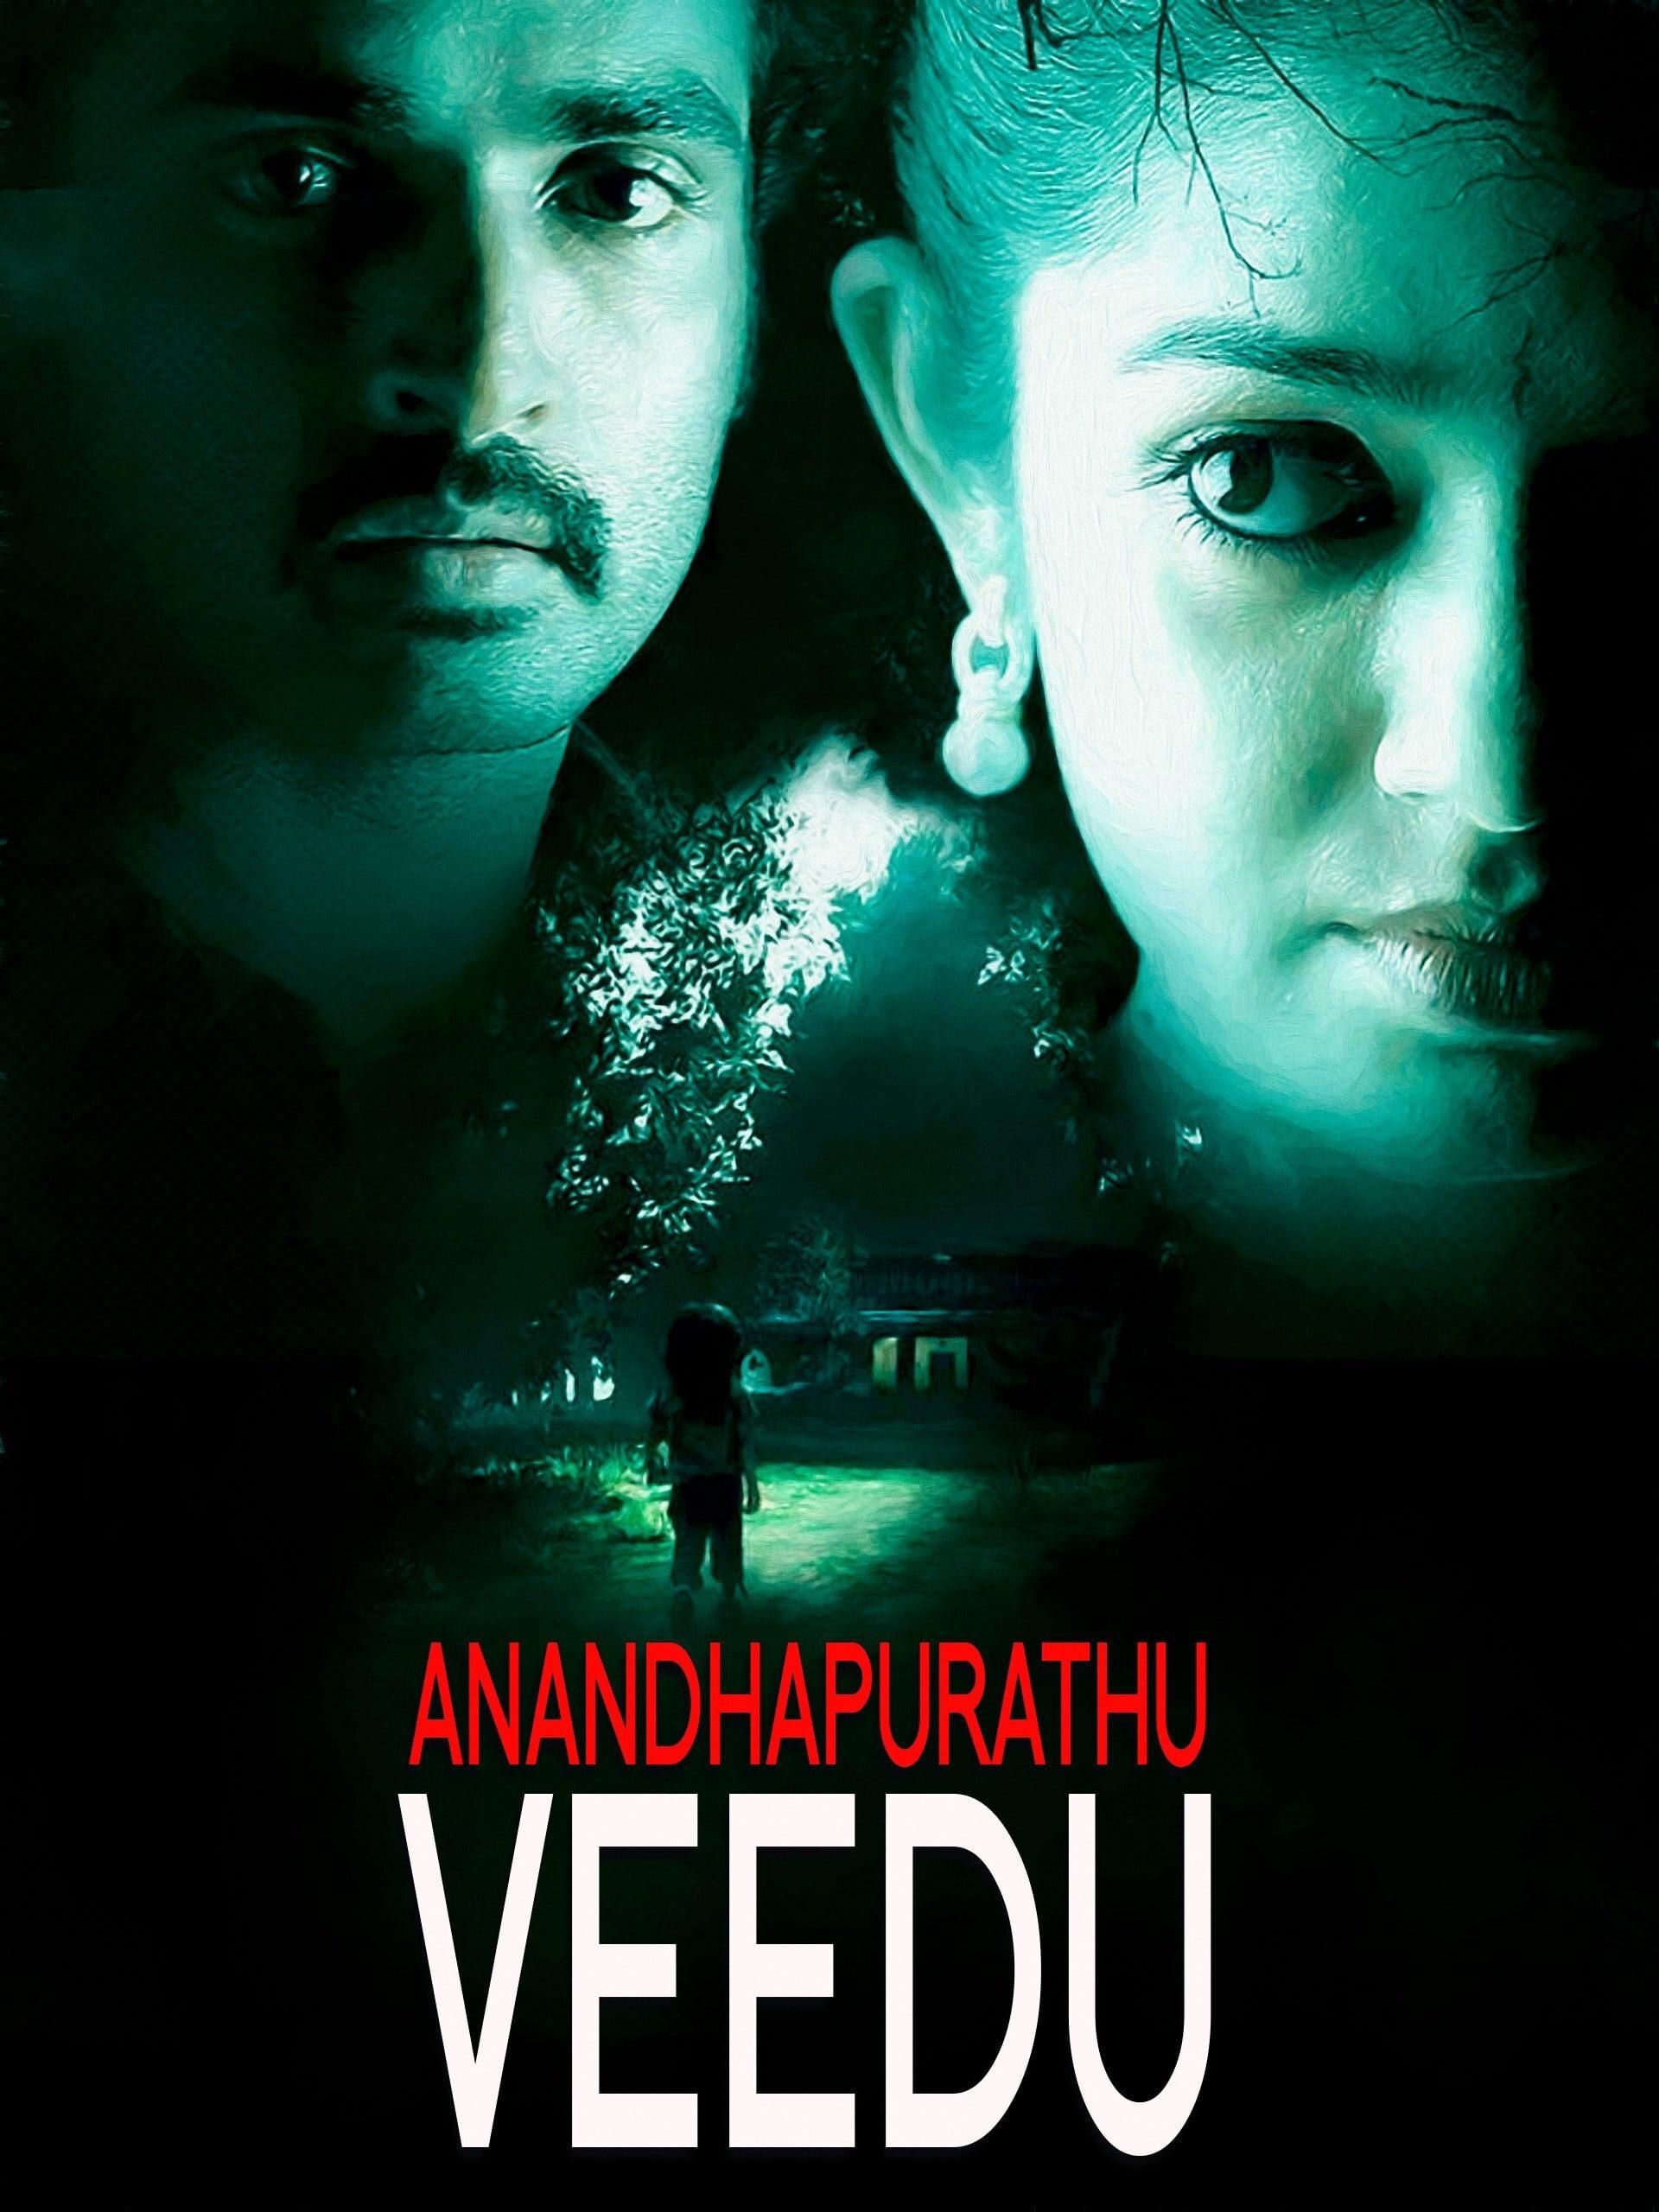 Anandhapurathu Veedu